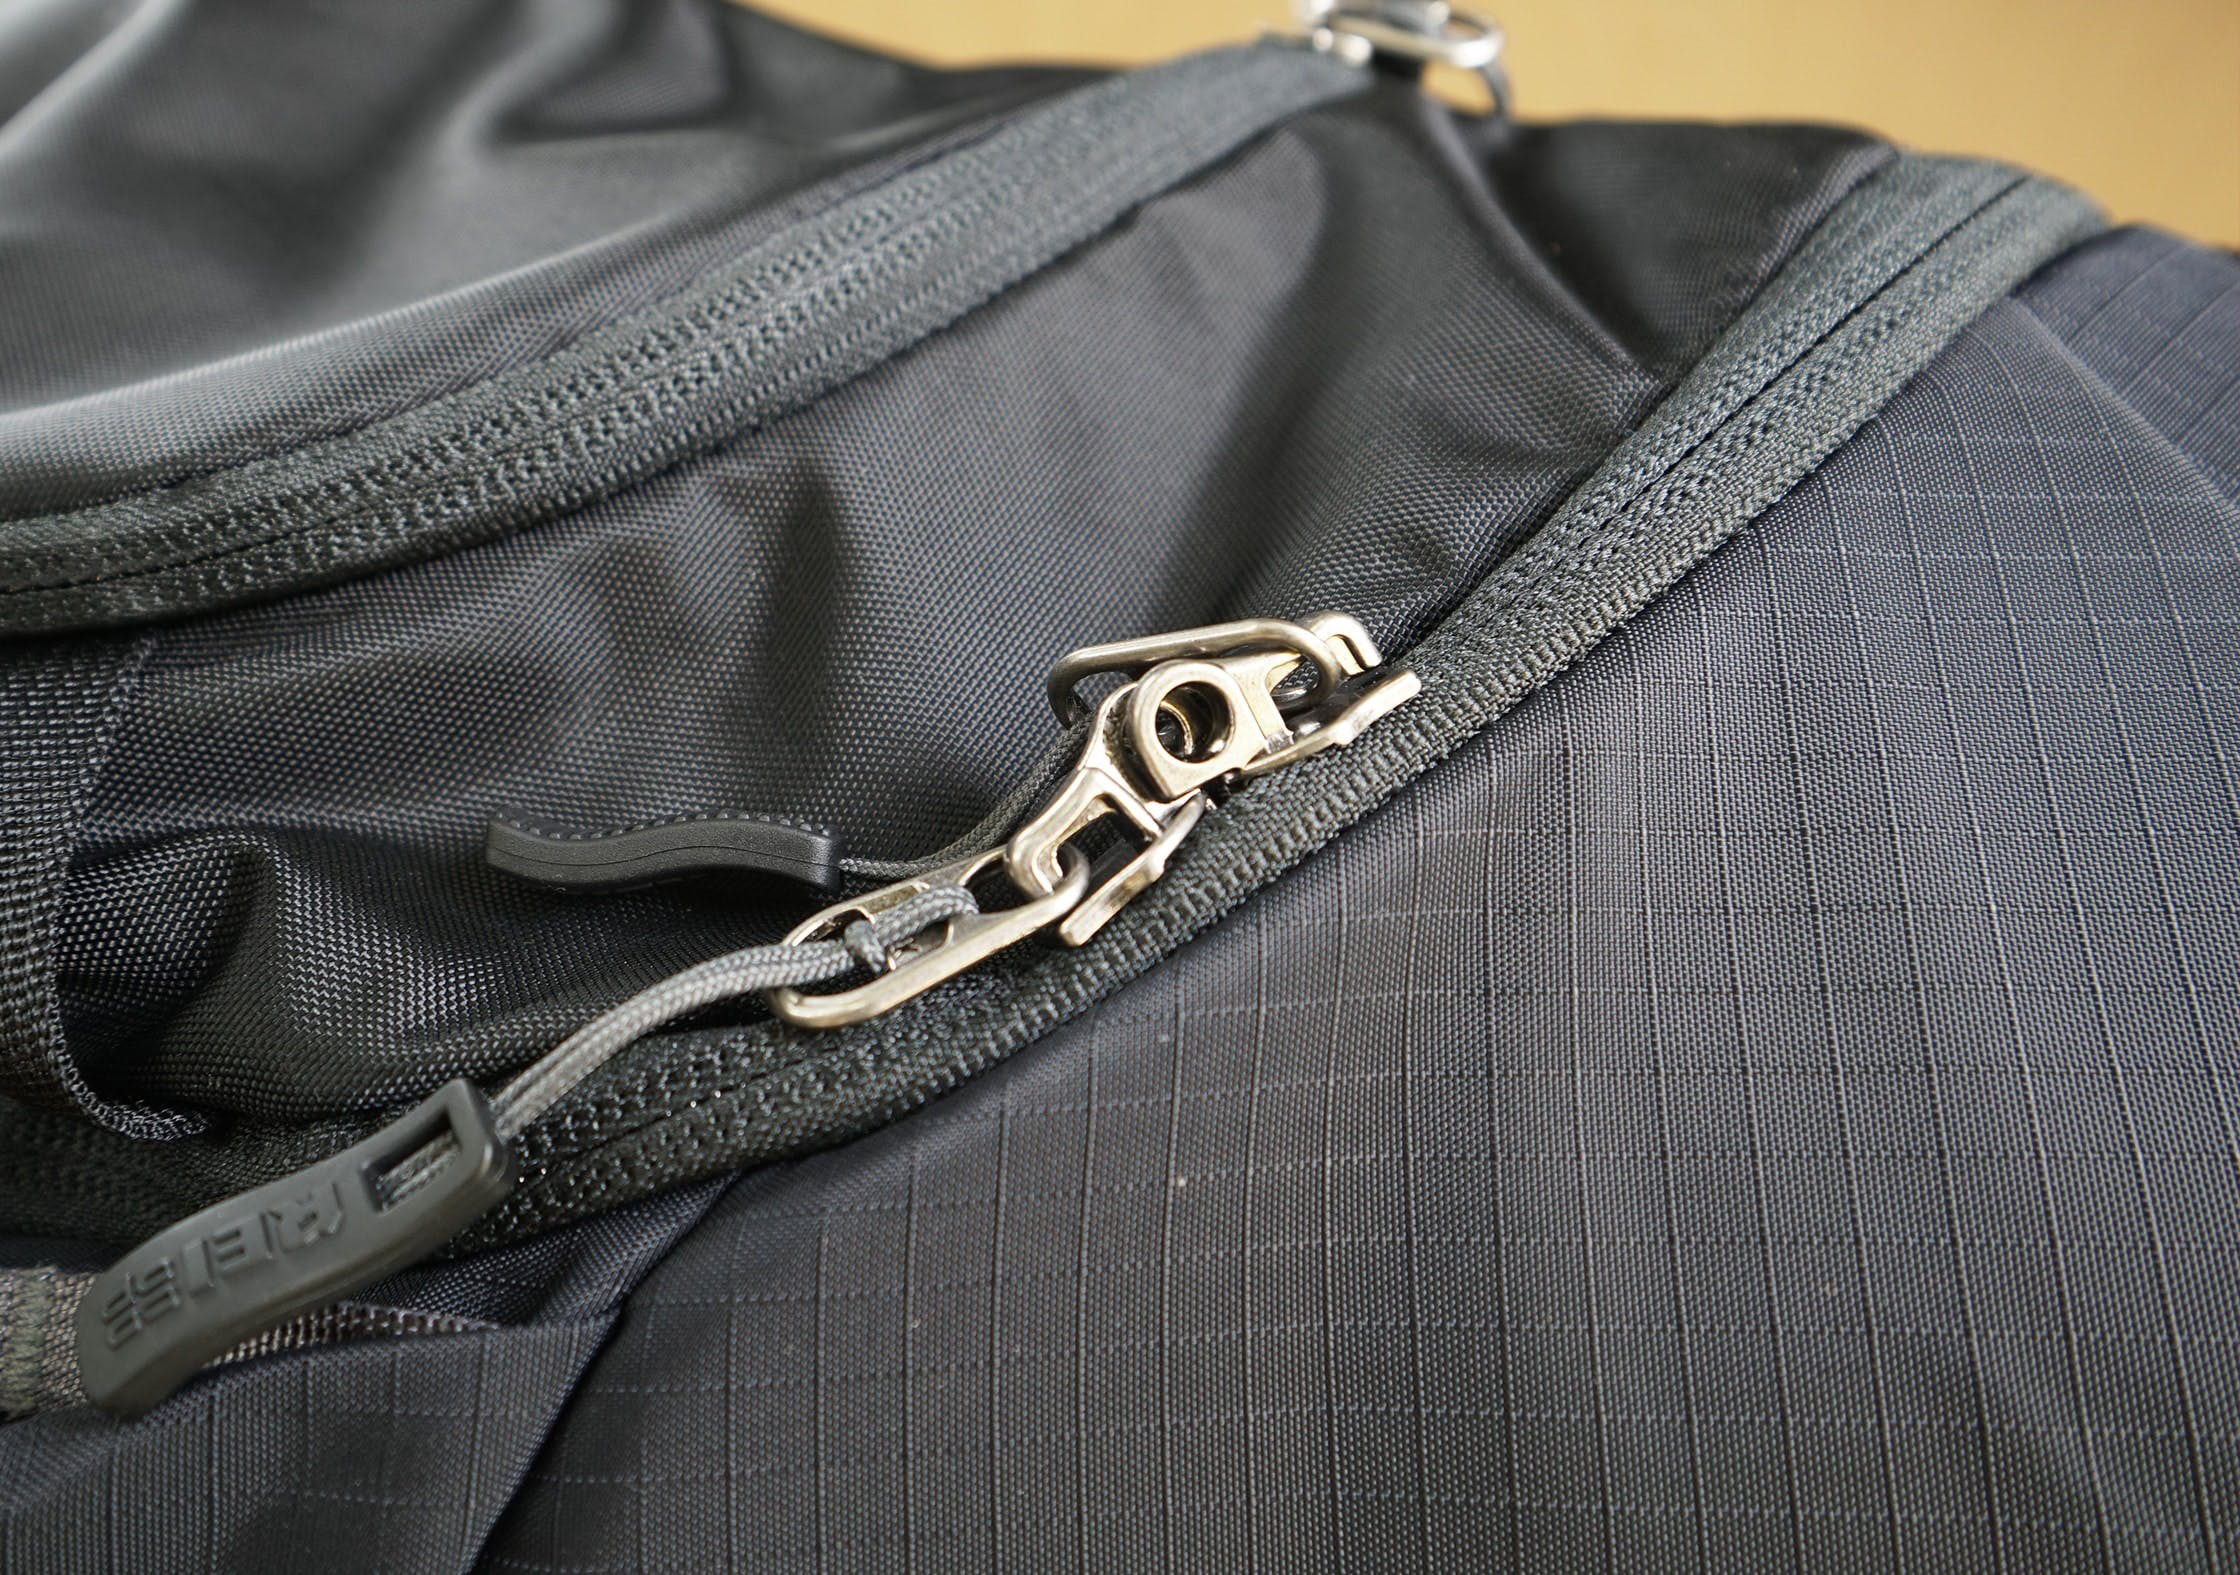 REI Ruckpack 40 Lockable Zips